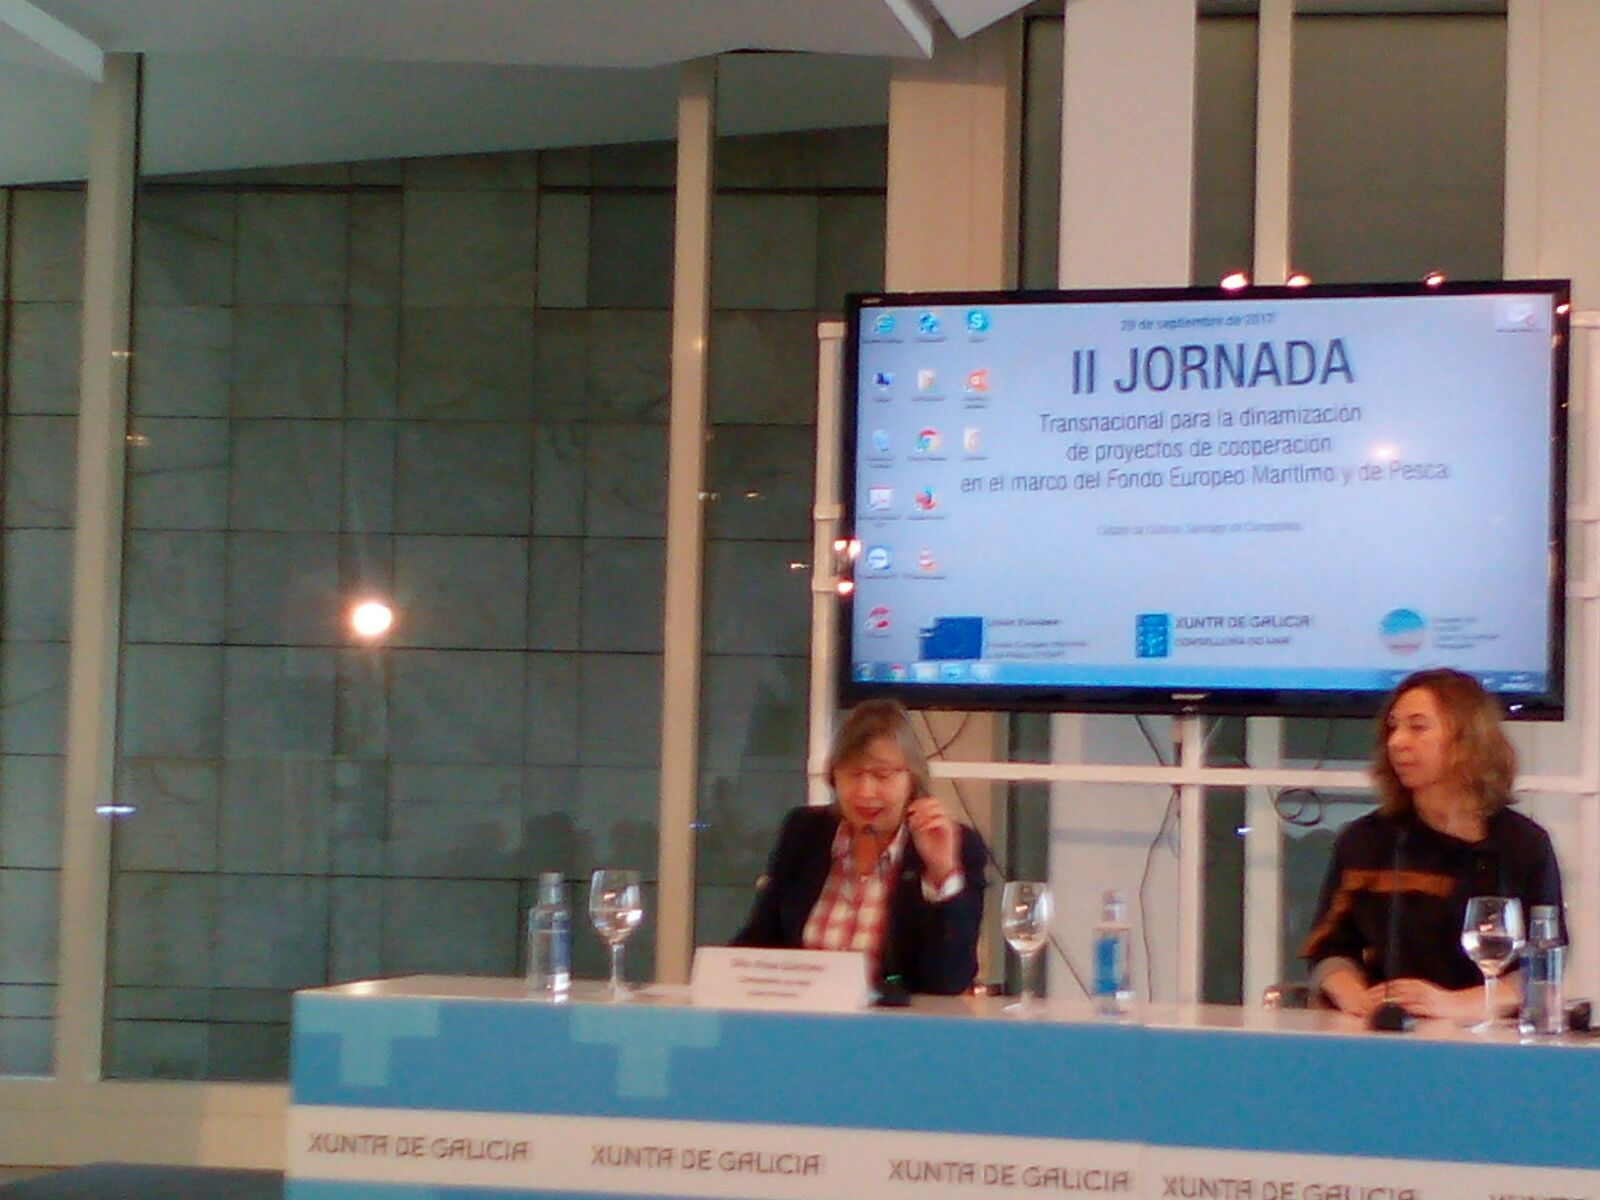 II Jornada Transnacioinal para la dinamización de proyectos de cooperación en el marco del FEMP